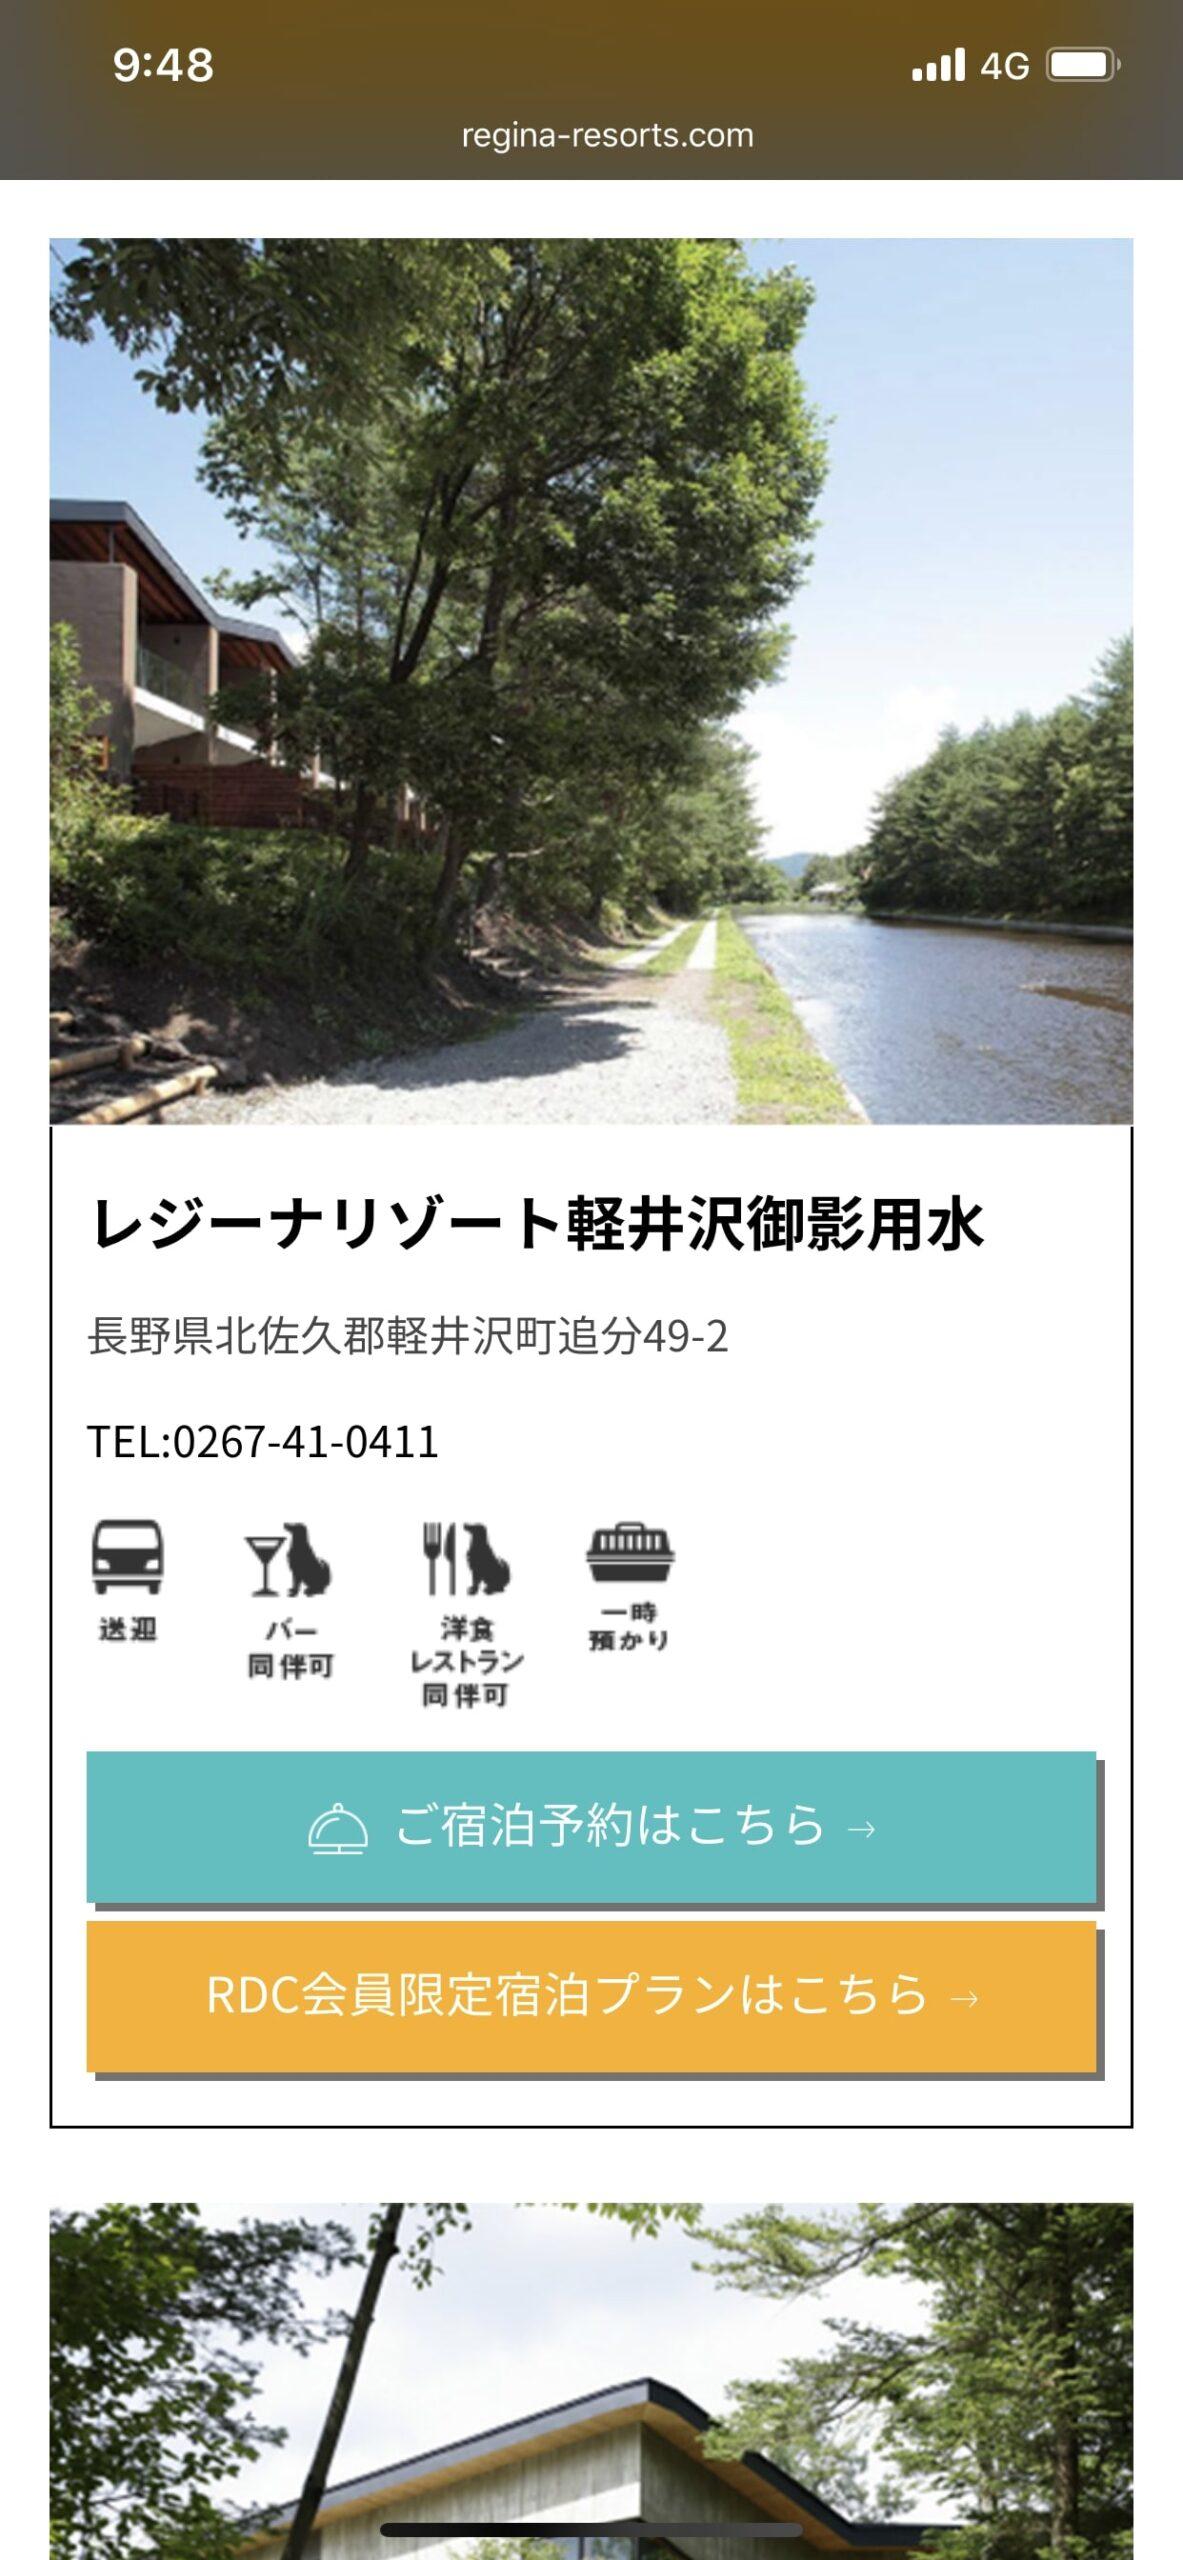 軽井沢御影用水の予約入り口(スマホ)